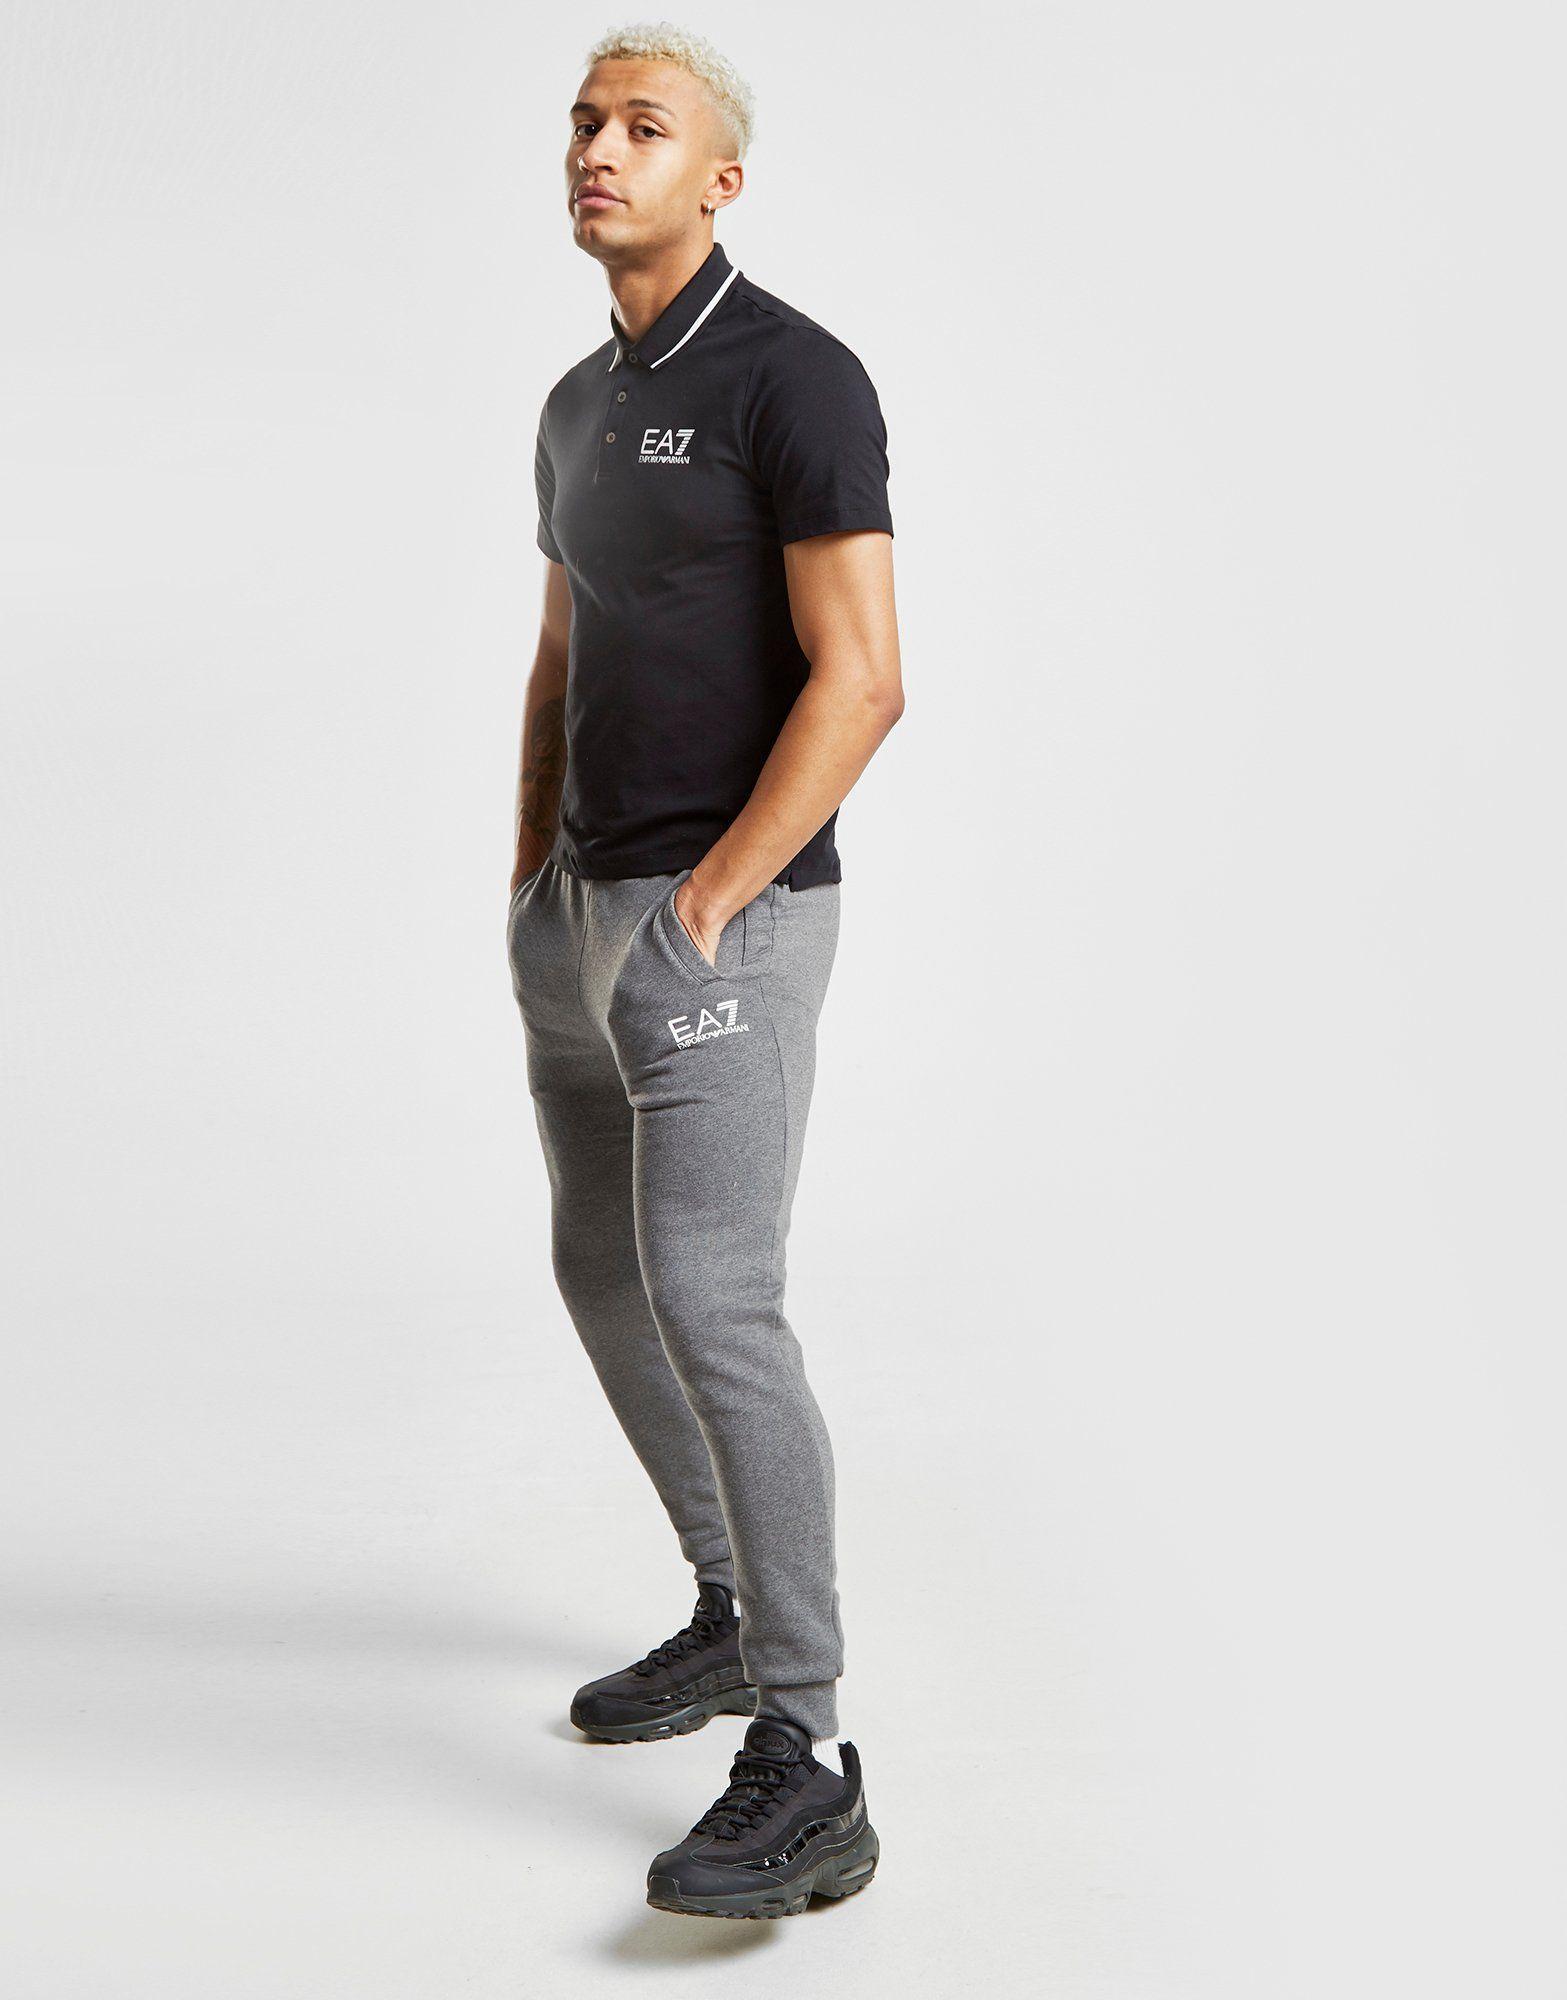 Emporio Armani EA7 Core Polo Shirt